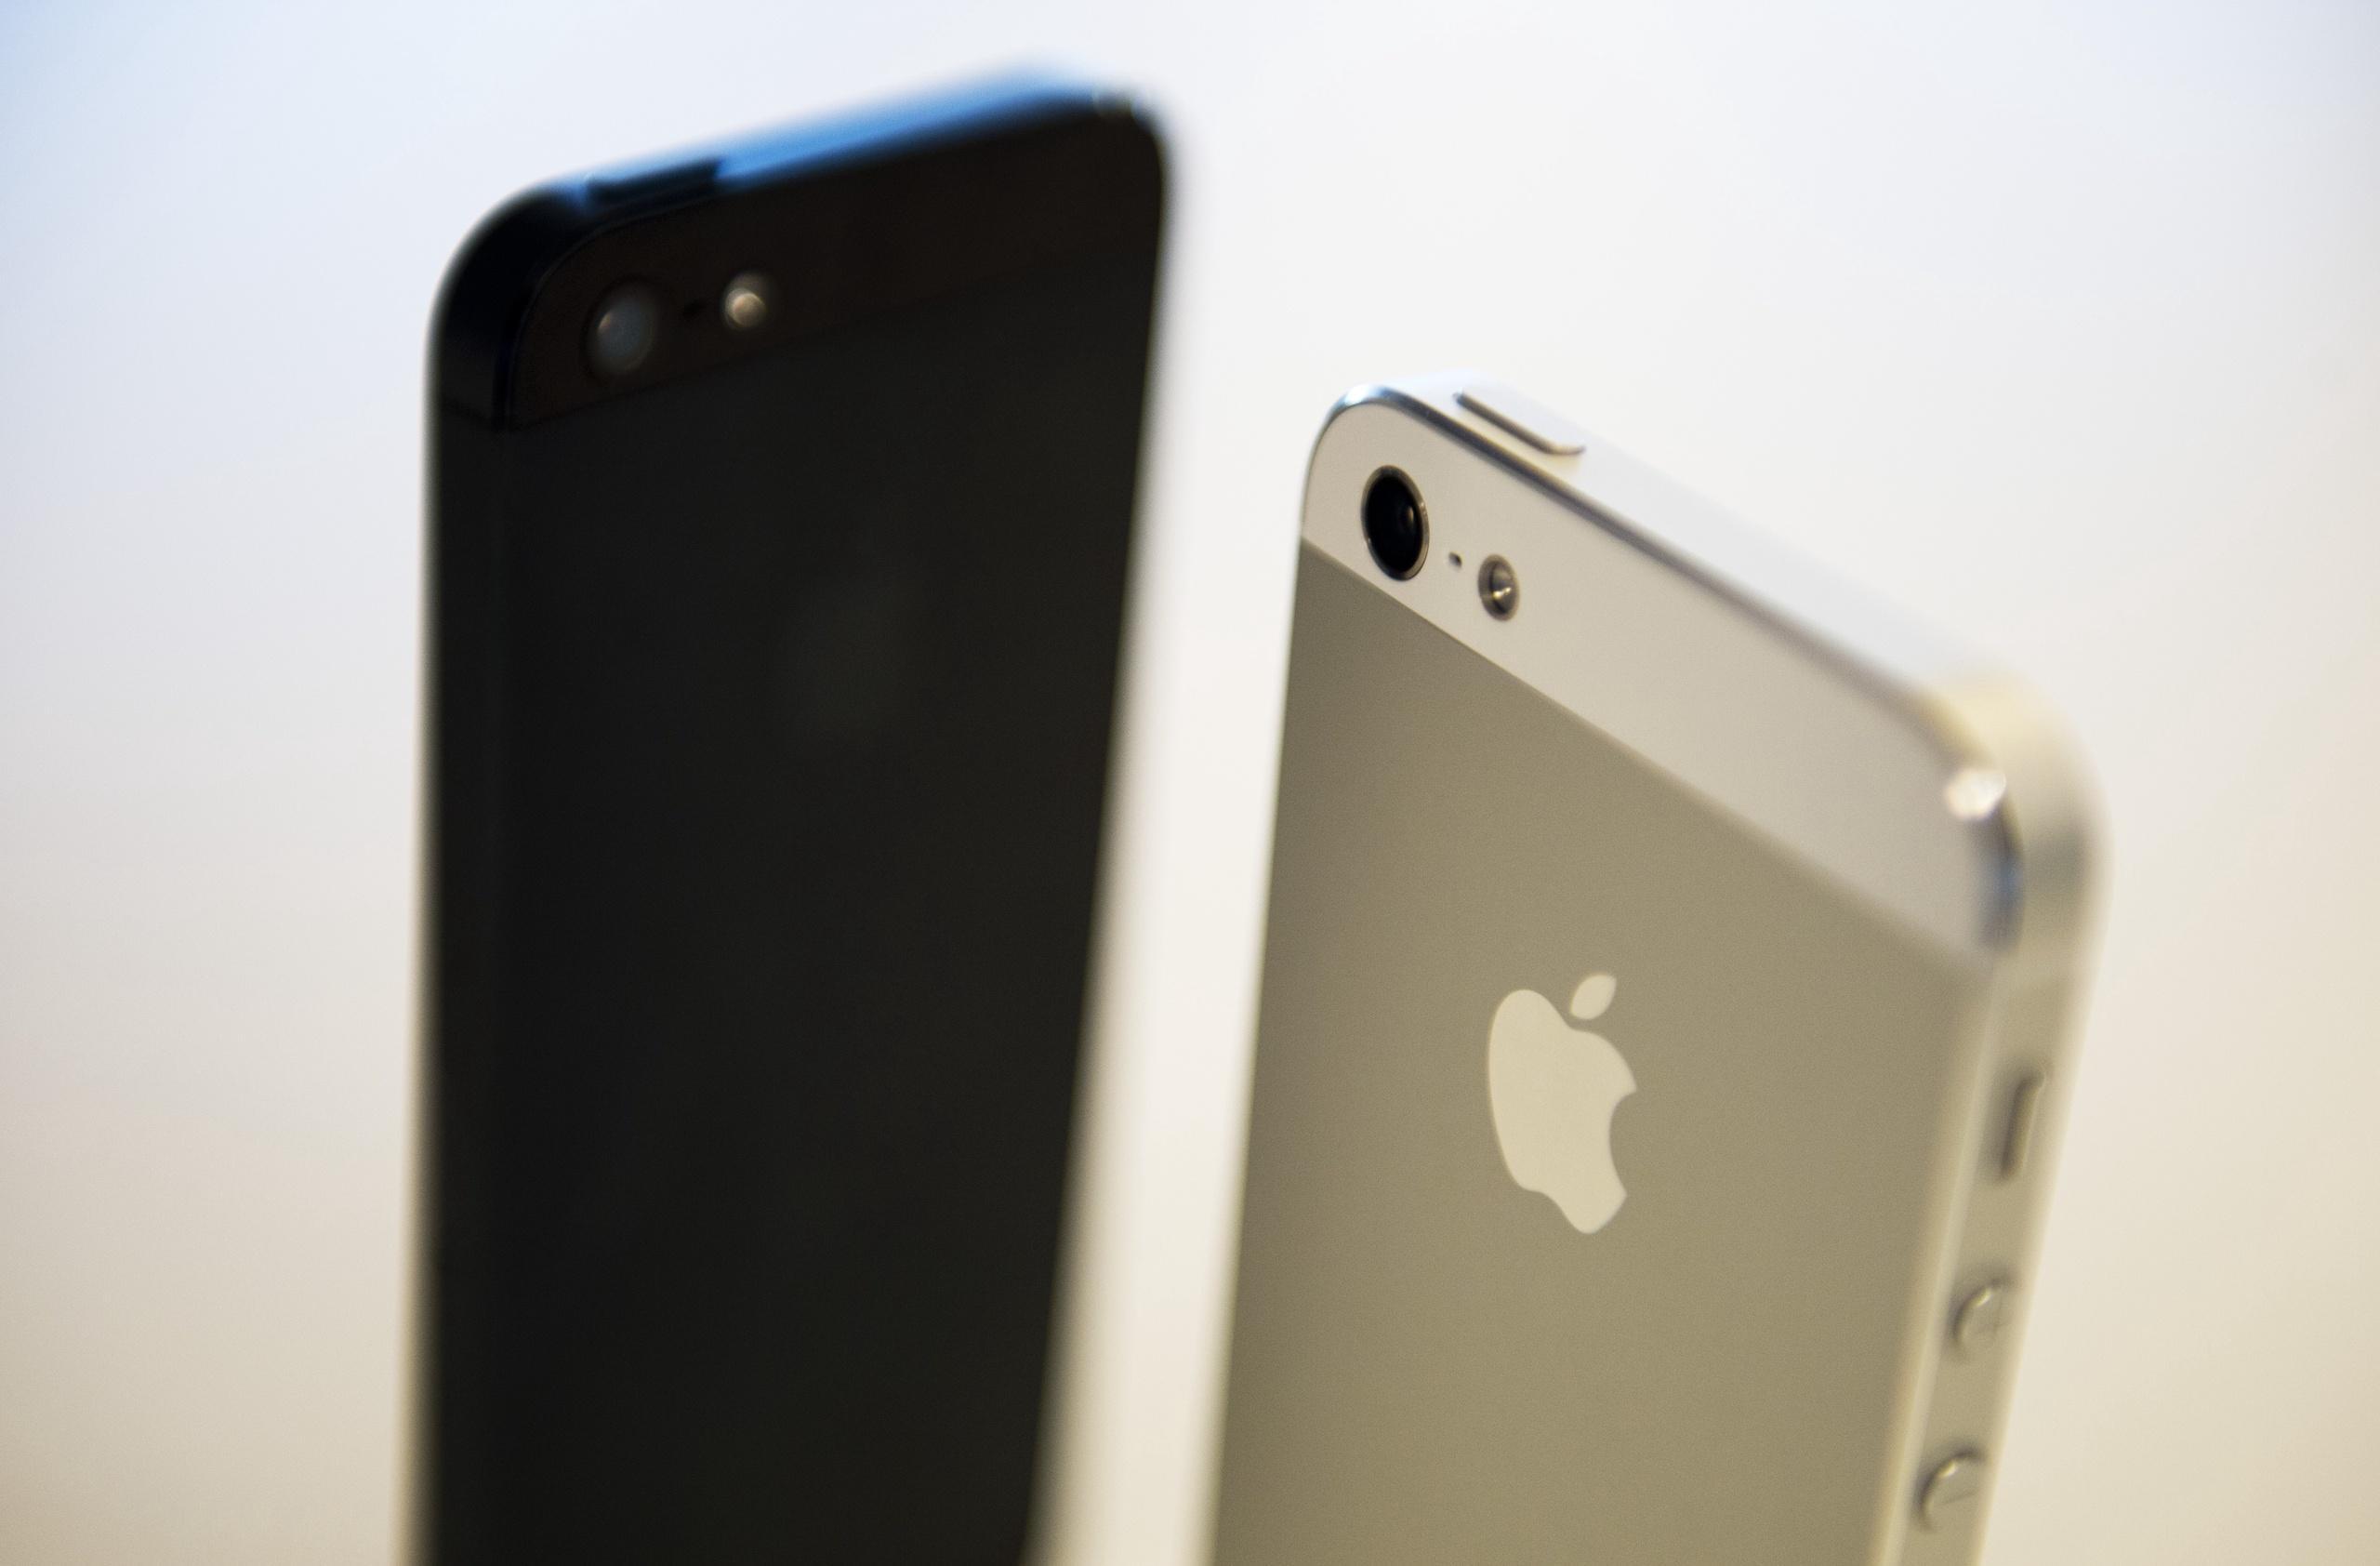 Nytt program kan spionera på Appleanvändare